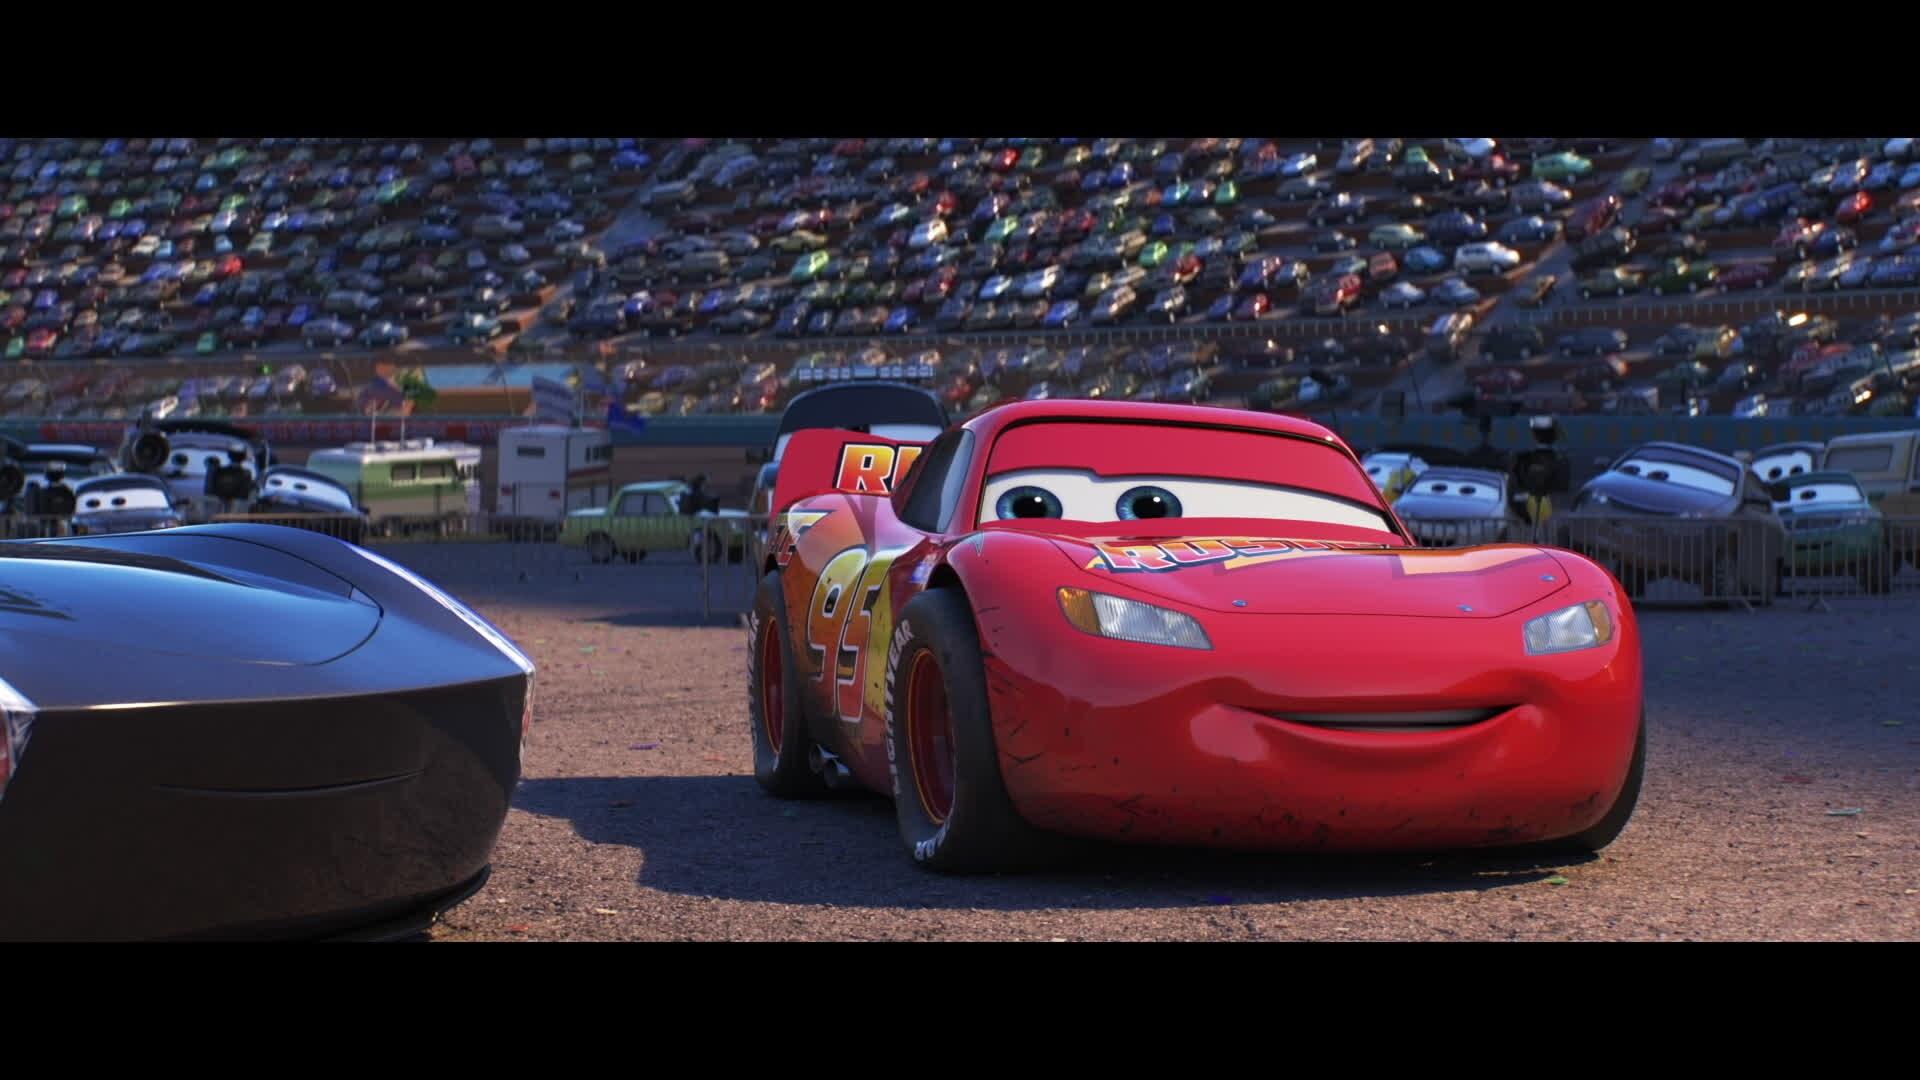 Cars 3 - Extrait : Flash McQueen rencontre Jackson Storm